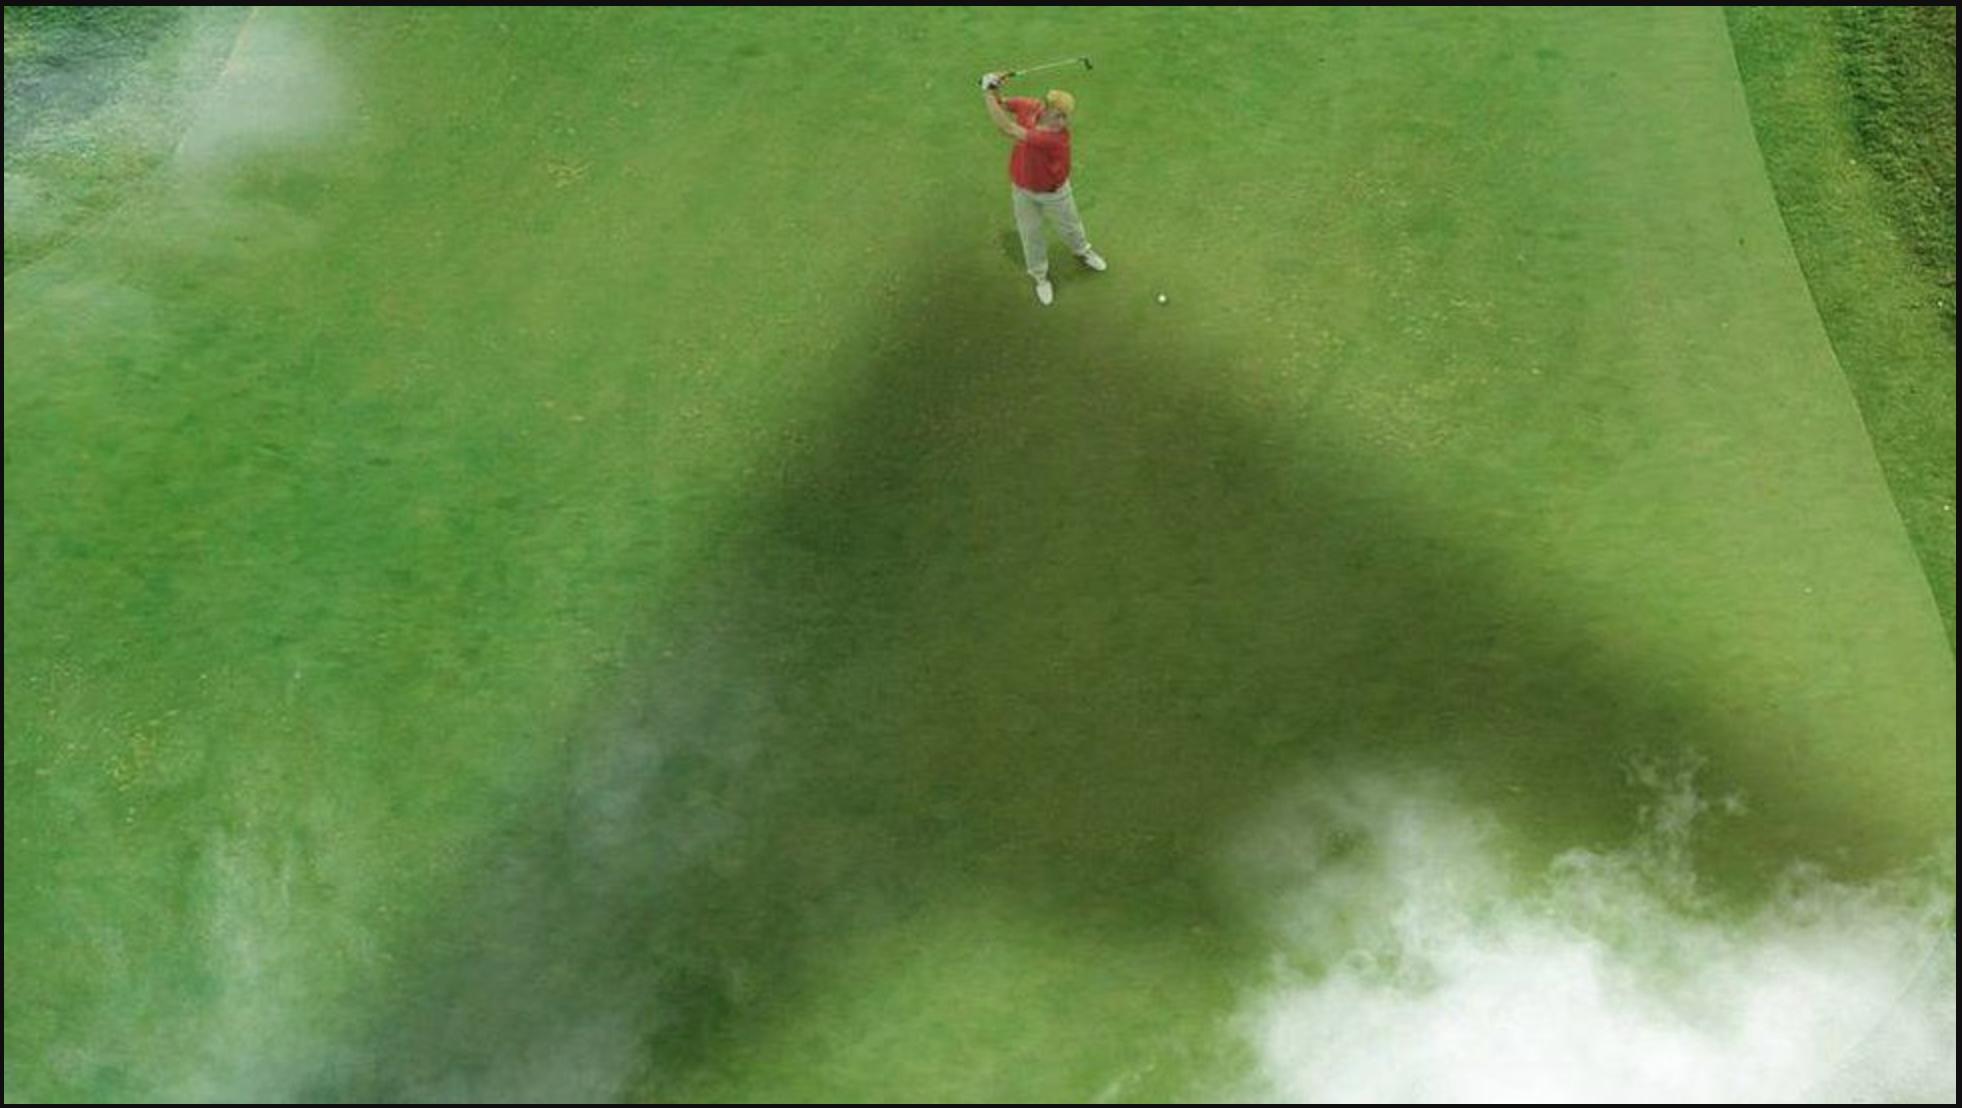 Montaje publicado por la cuenta @khamenei_site, en el que se muestra a Trump jugando al golf bajo la sombra de un avión de combate.